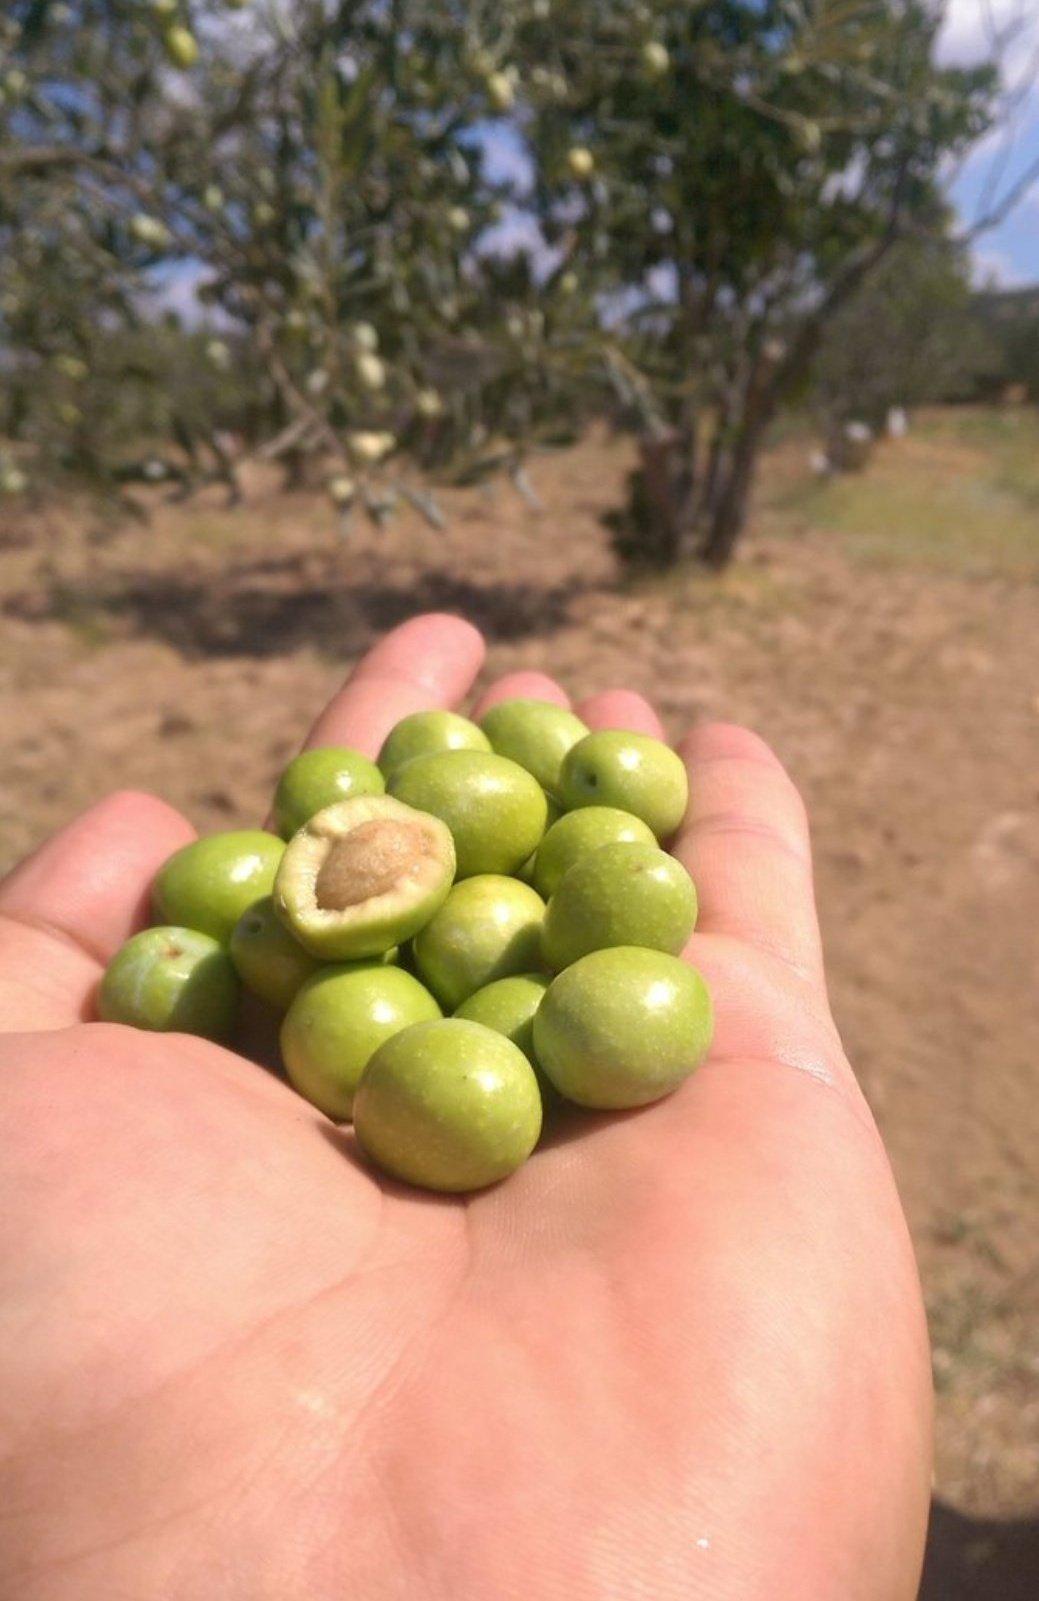 Zeytin - Üretici Özgür Günay 12 tl fiyat ile 5.000 kilogram siyah salamuralık (tekirdağ) çeşidi zeytin satmak istiyor